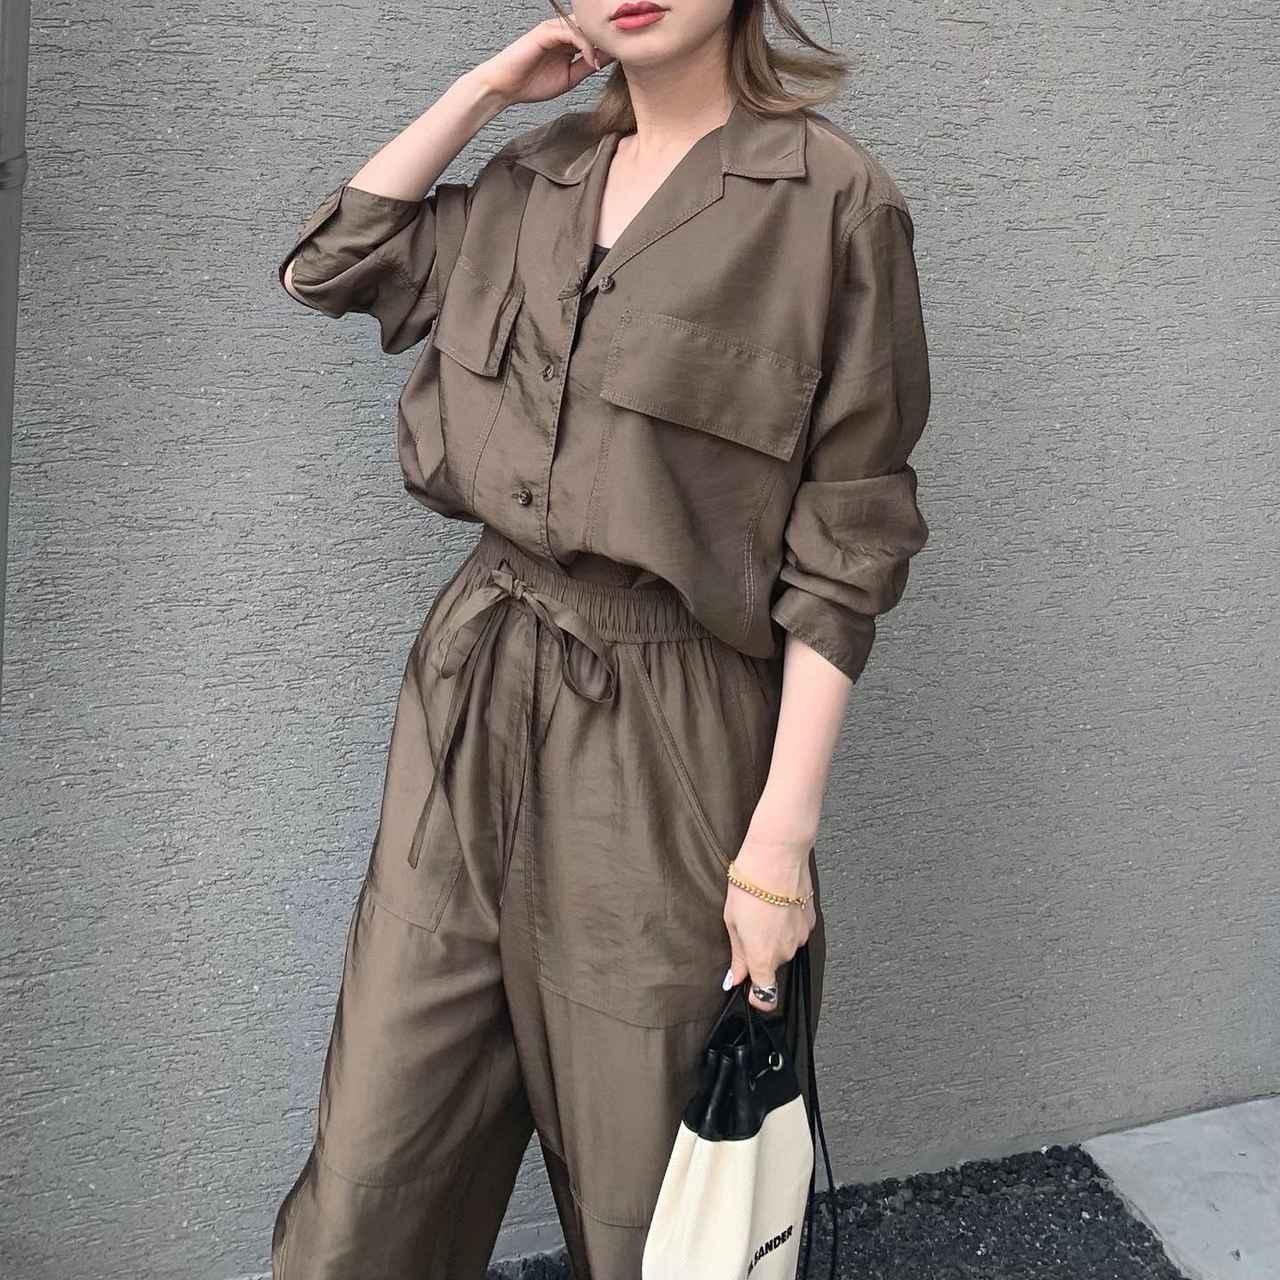 画像: 【今日なに着よう?迷ったときにZARAのセットアップが使える♪】